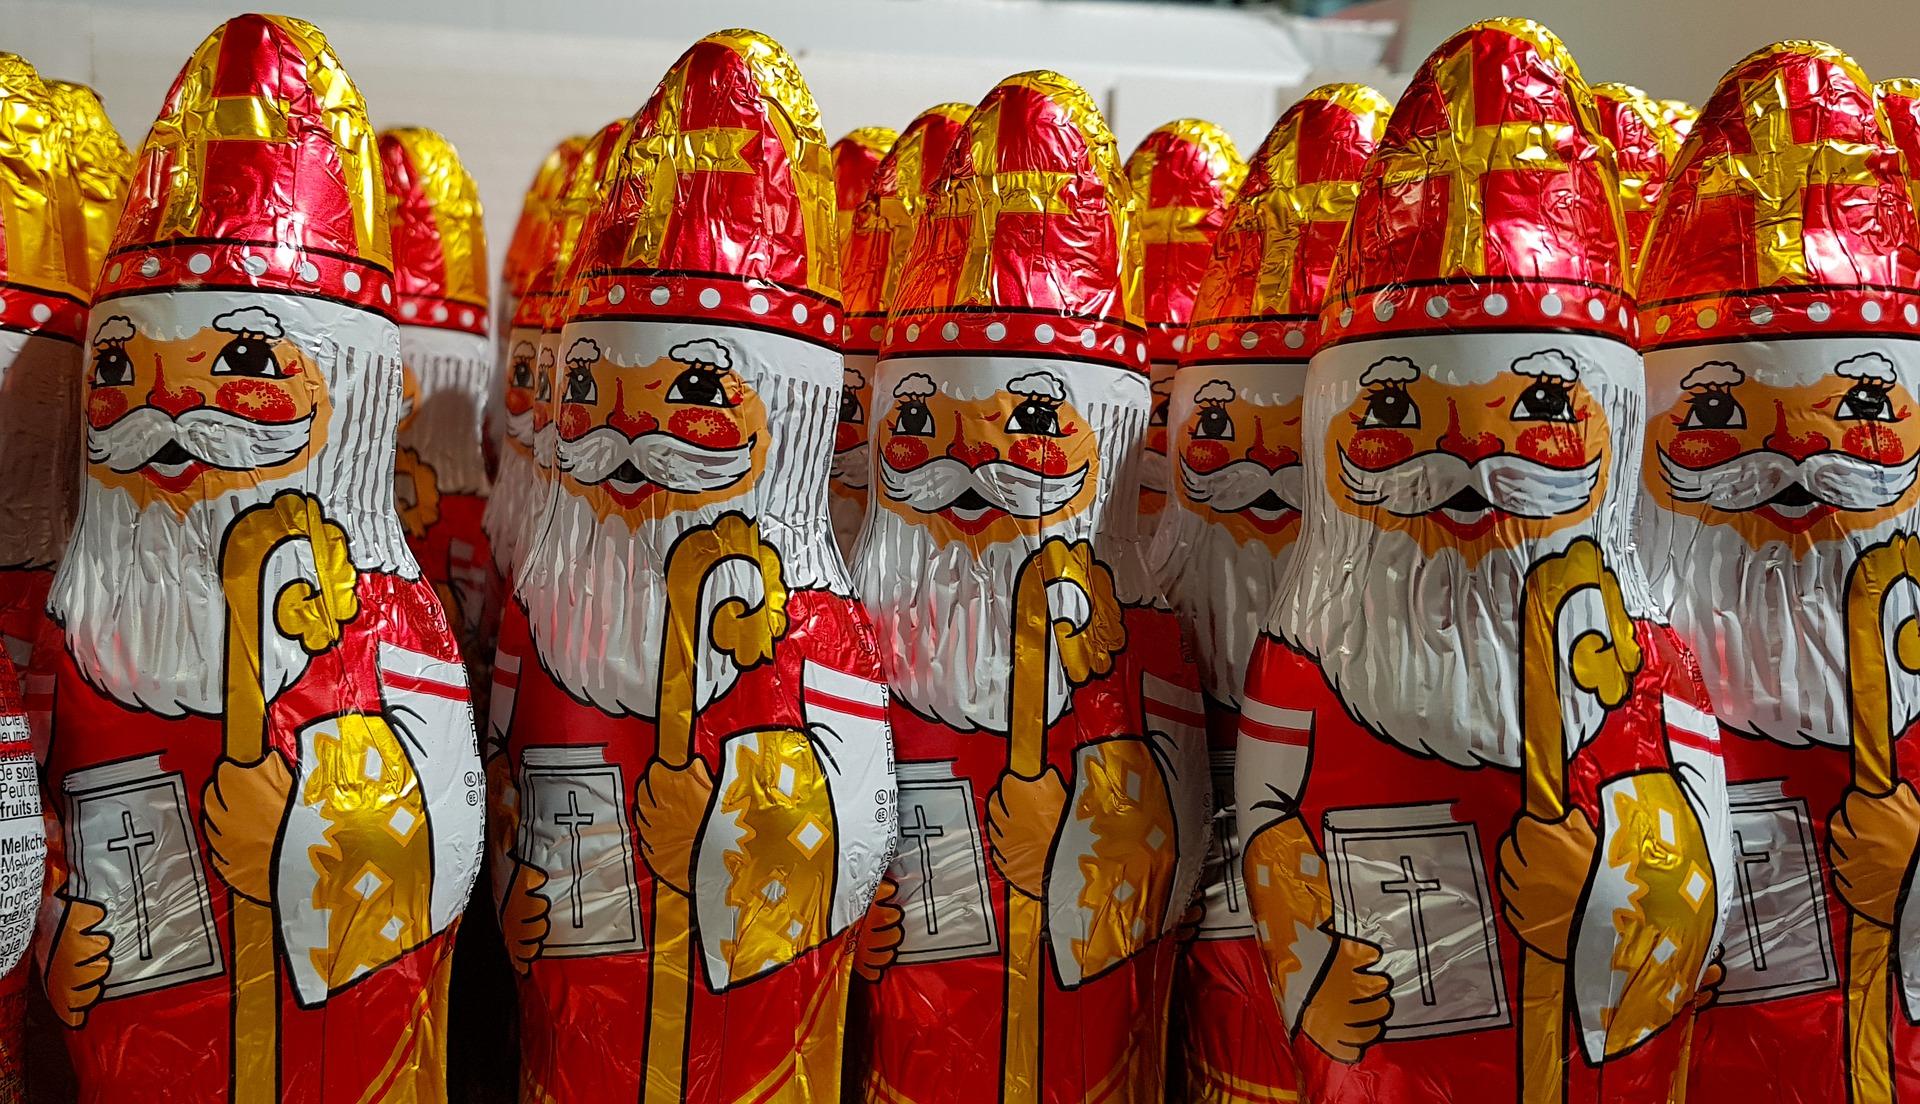 Hoor, wie dokt daar kind'ren: welke belastingen betaalt Sinterklaas?